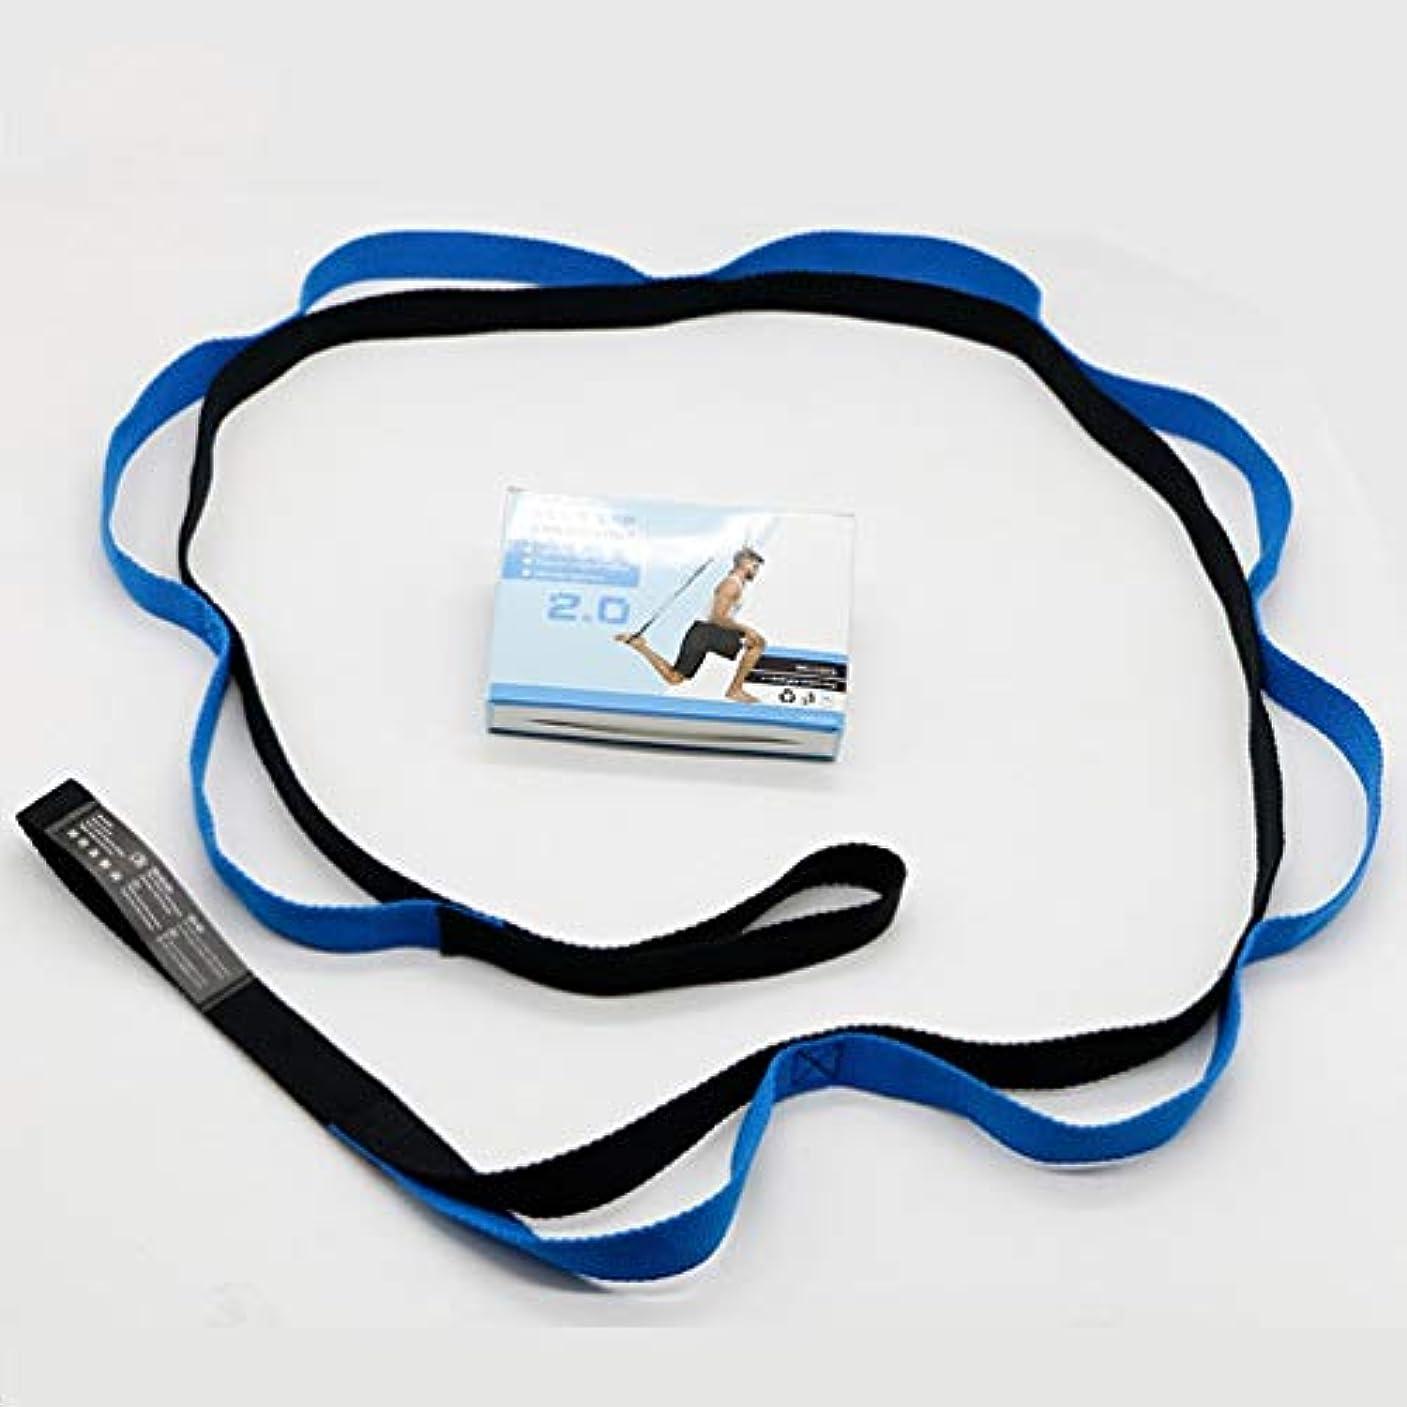 経験ビートそうフィットネスエクササイズジムヨガストレッチアウトストラップ弾性ベルトウエストレッグアームエクステンションストラップベルトスポーツユニセックストレーニングベルトバンド - ブルー&ブラック